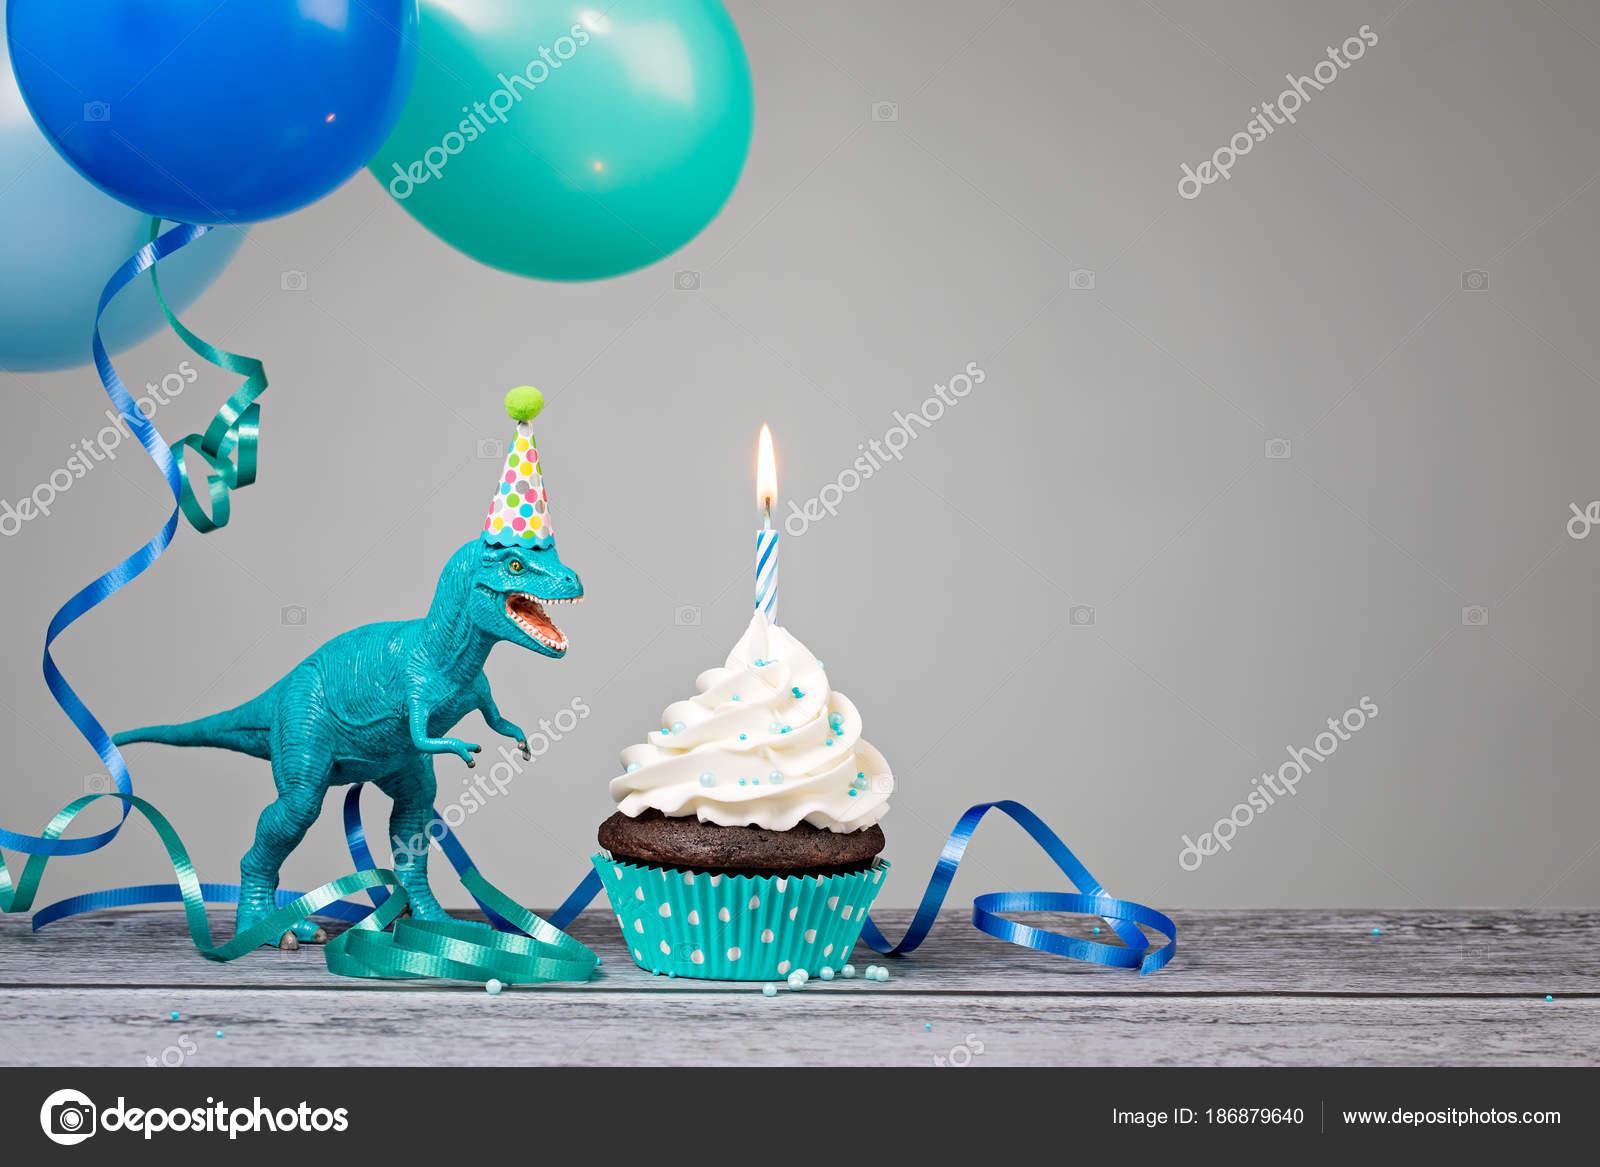 Blue Dinosaur Birthday Party Stock Photo juliannafunk 186879640